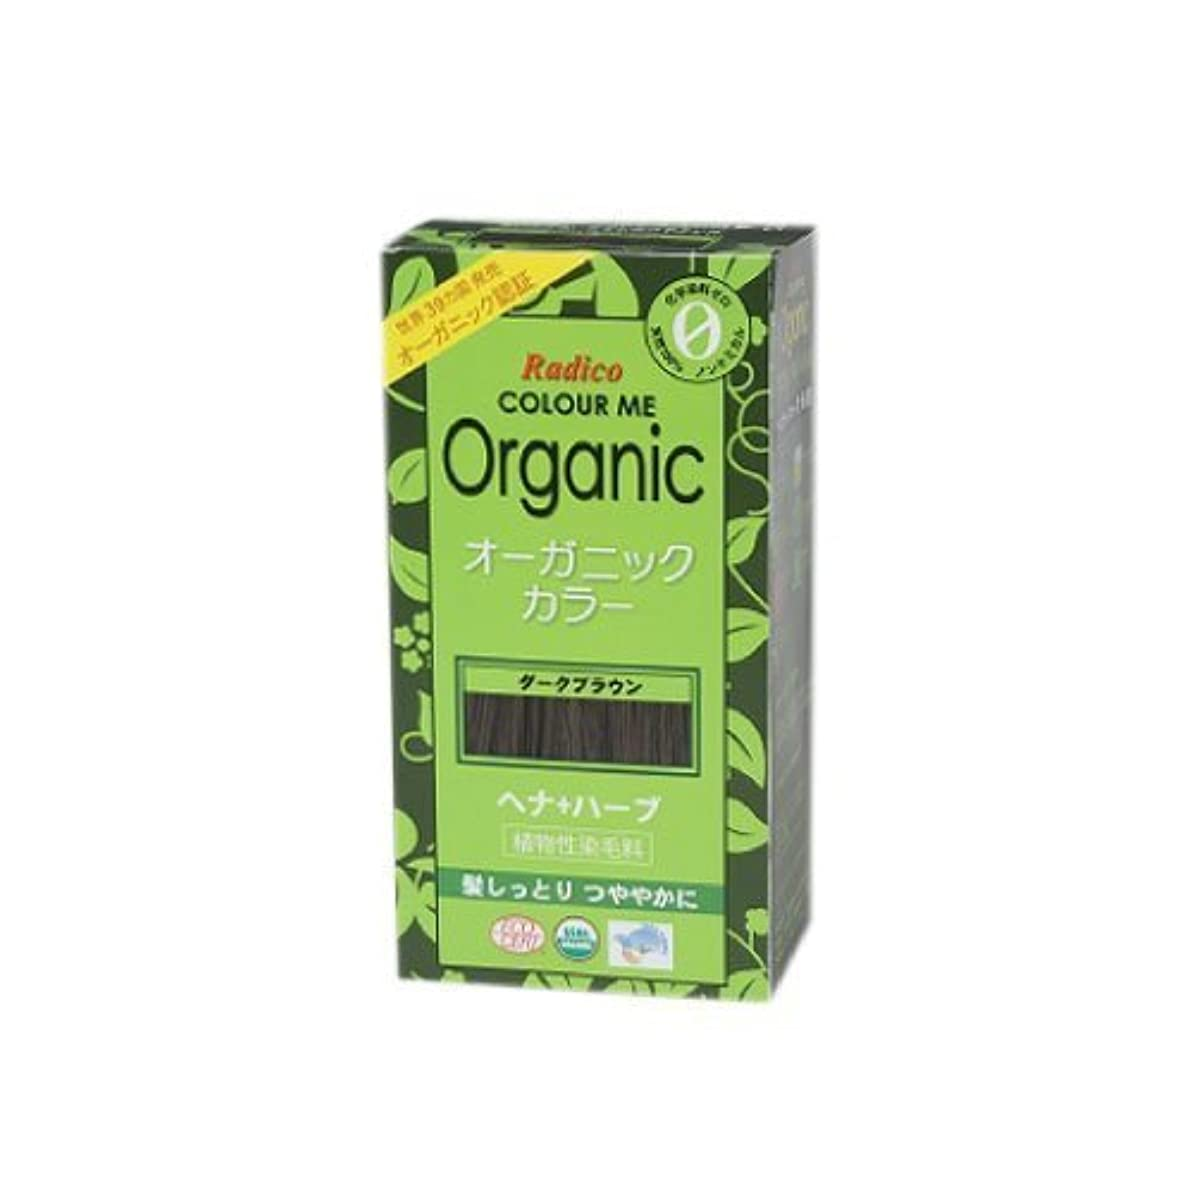 スワップゴシップまたCOLOURME Organic (カラーミーオーガニック ヘナ 白髪用) ダークブラウン 100g